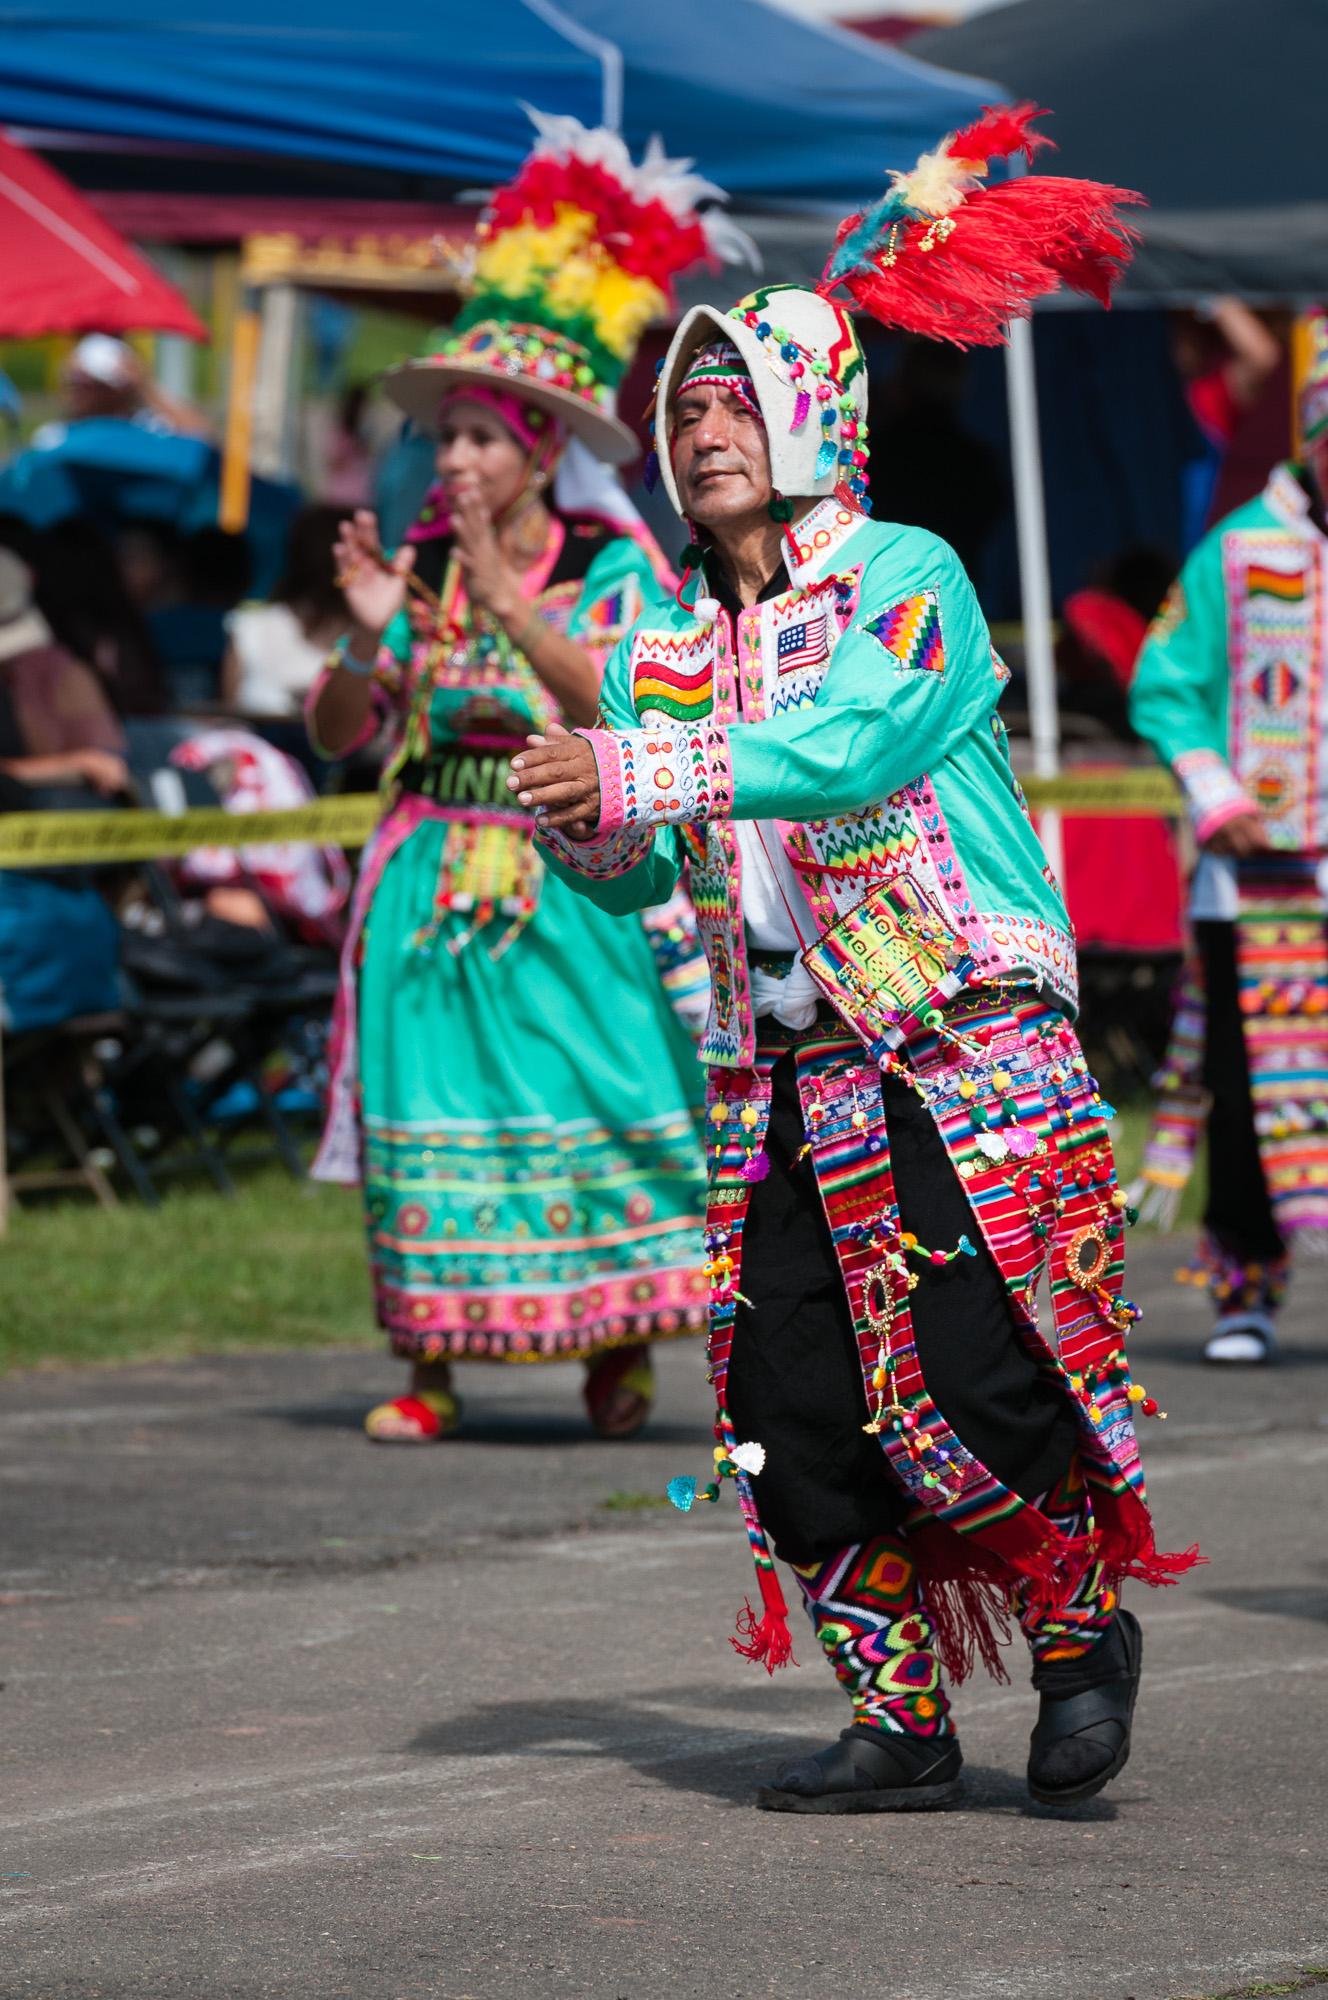 Tinkus Bolivia performing a Tinkus dance.